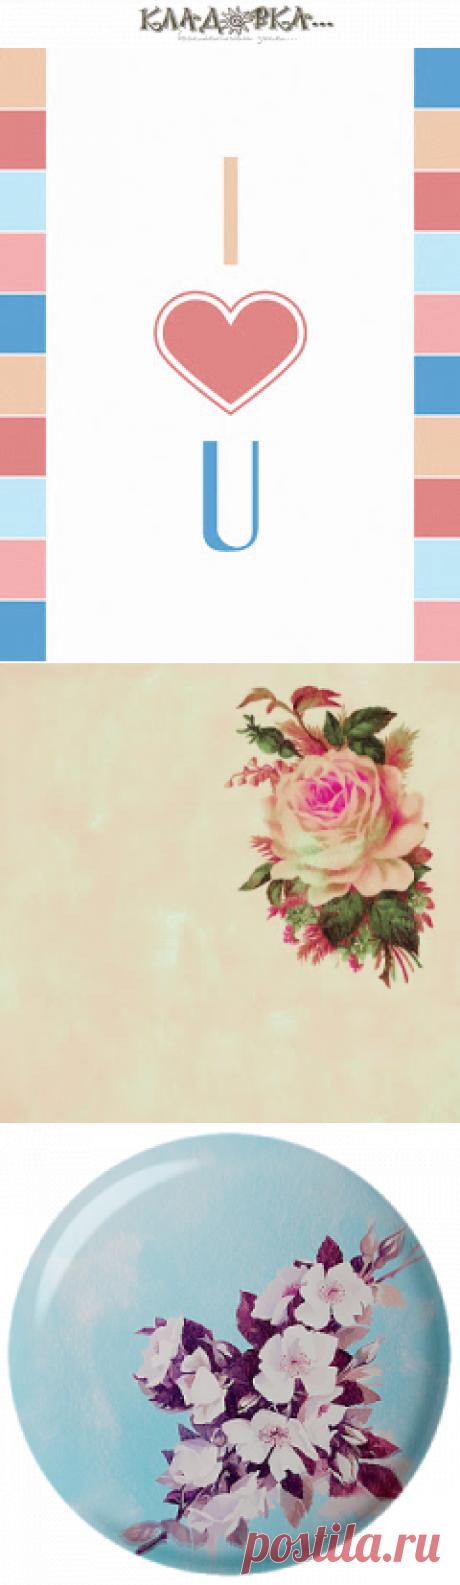 Кладовка...: Любовь не знает границ - распакованный скрап-набор для фотошопа png